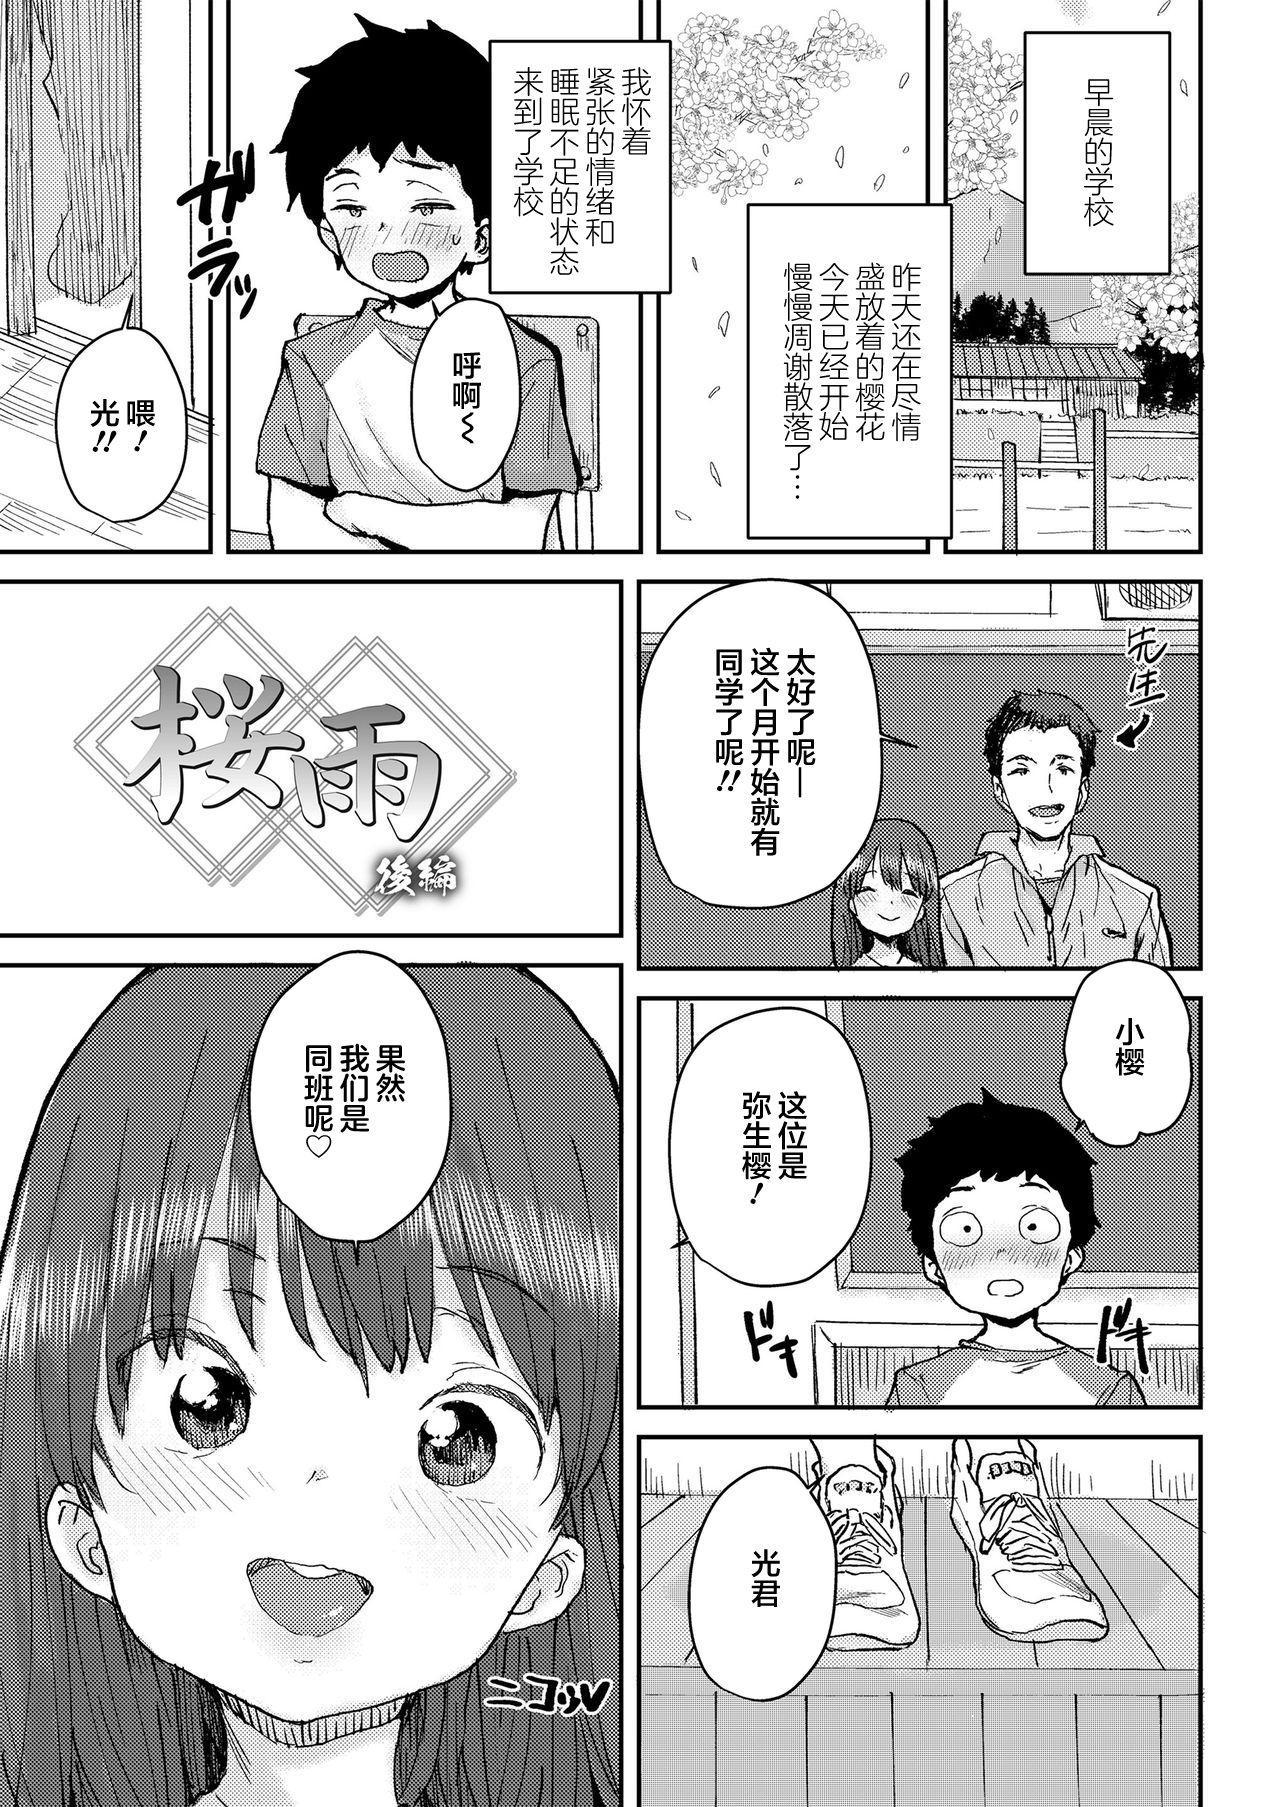 [Ponsuke] Sakura Ame[Chinese]【不可视汉化】 27